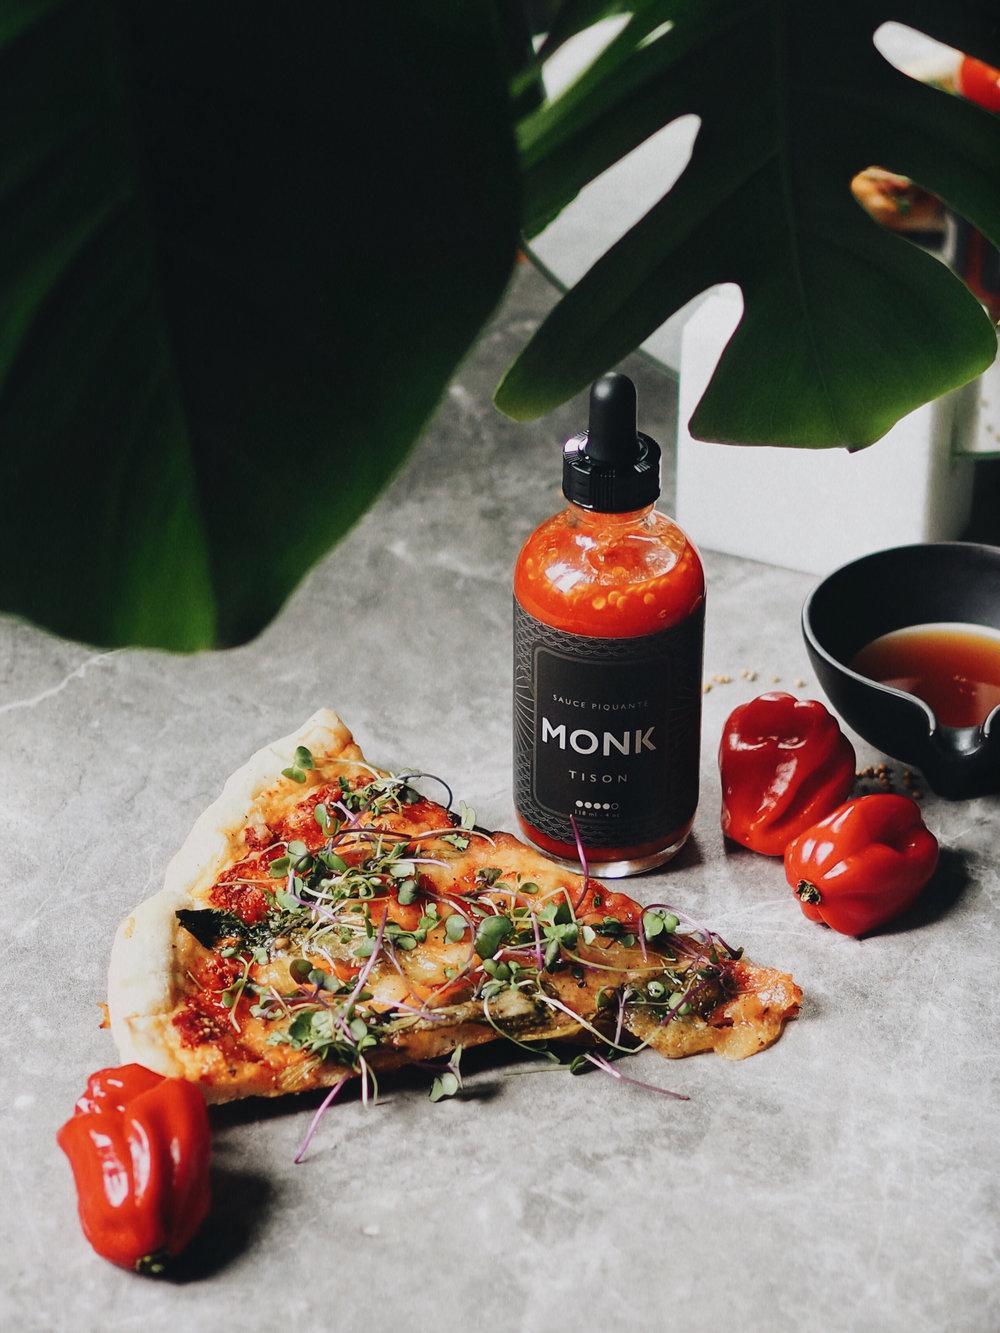 Sauce piquante Tison de Monk avec pizza maison.